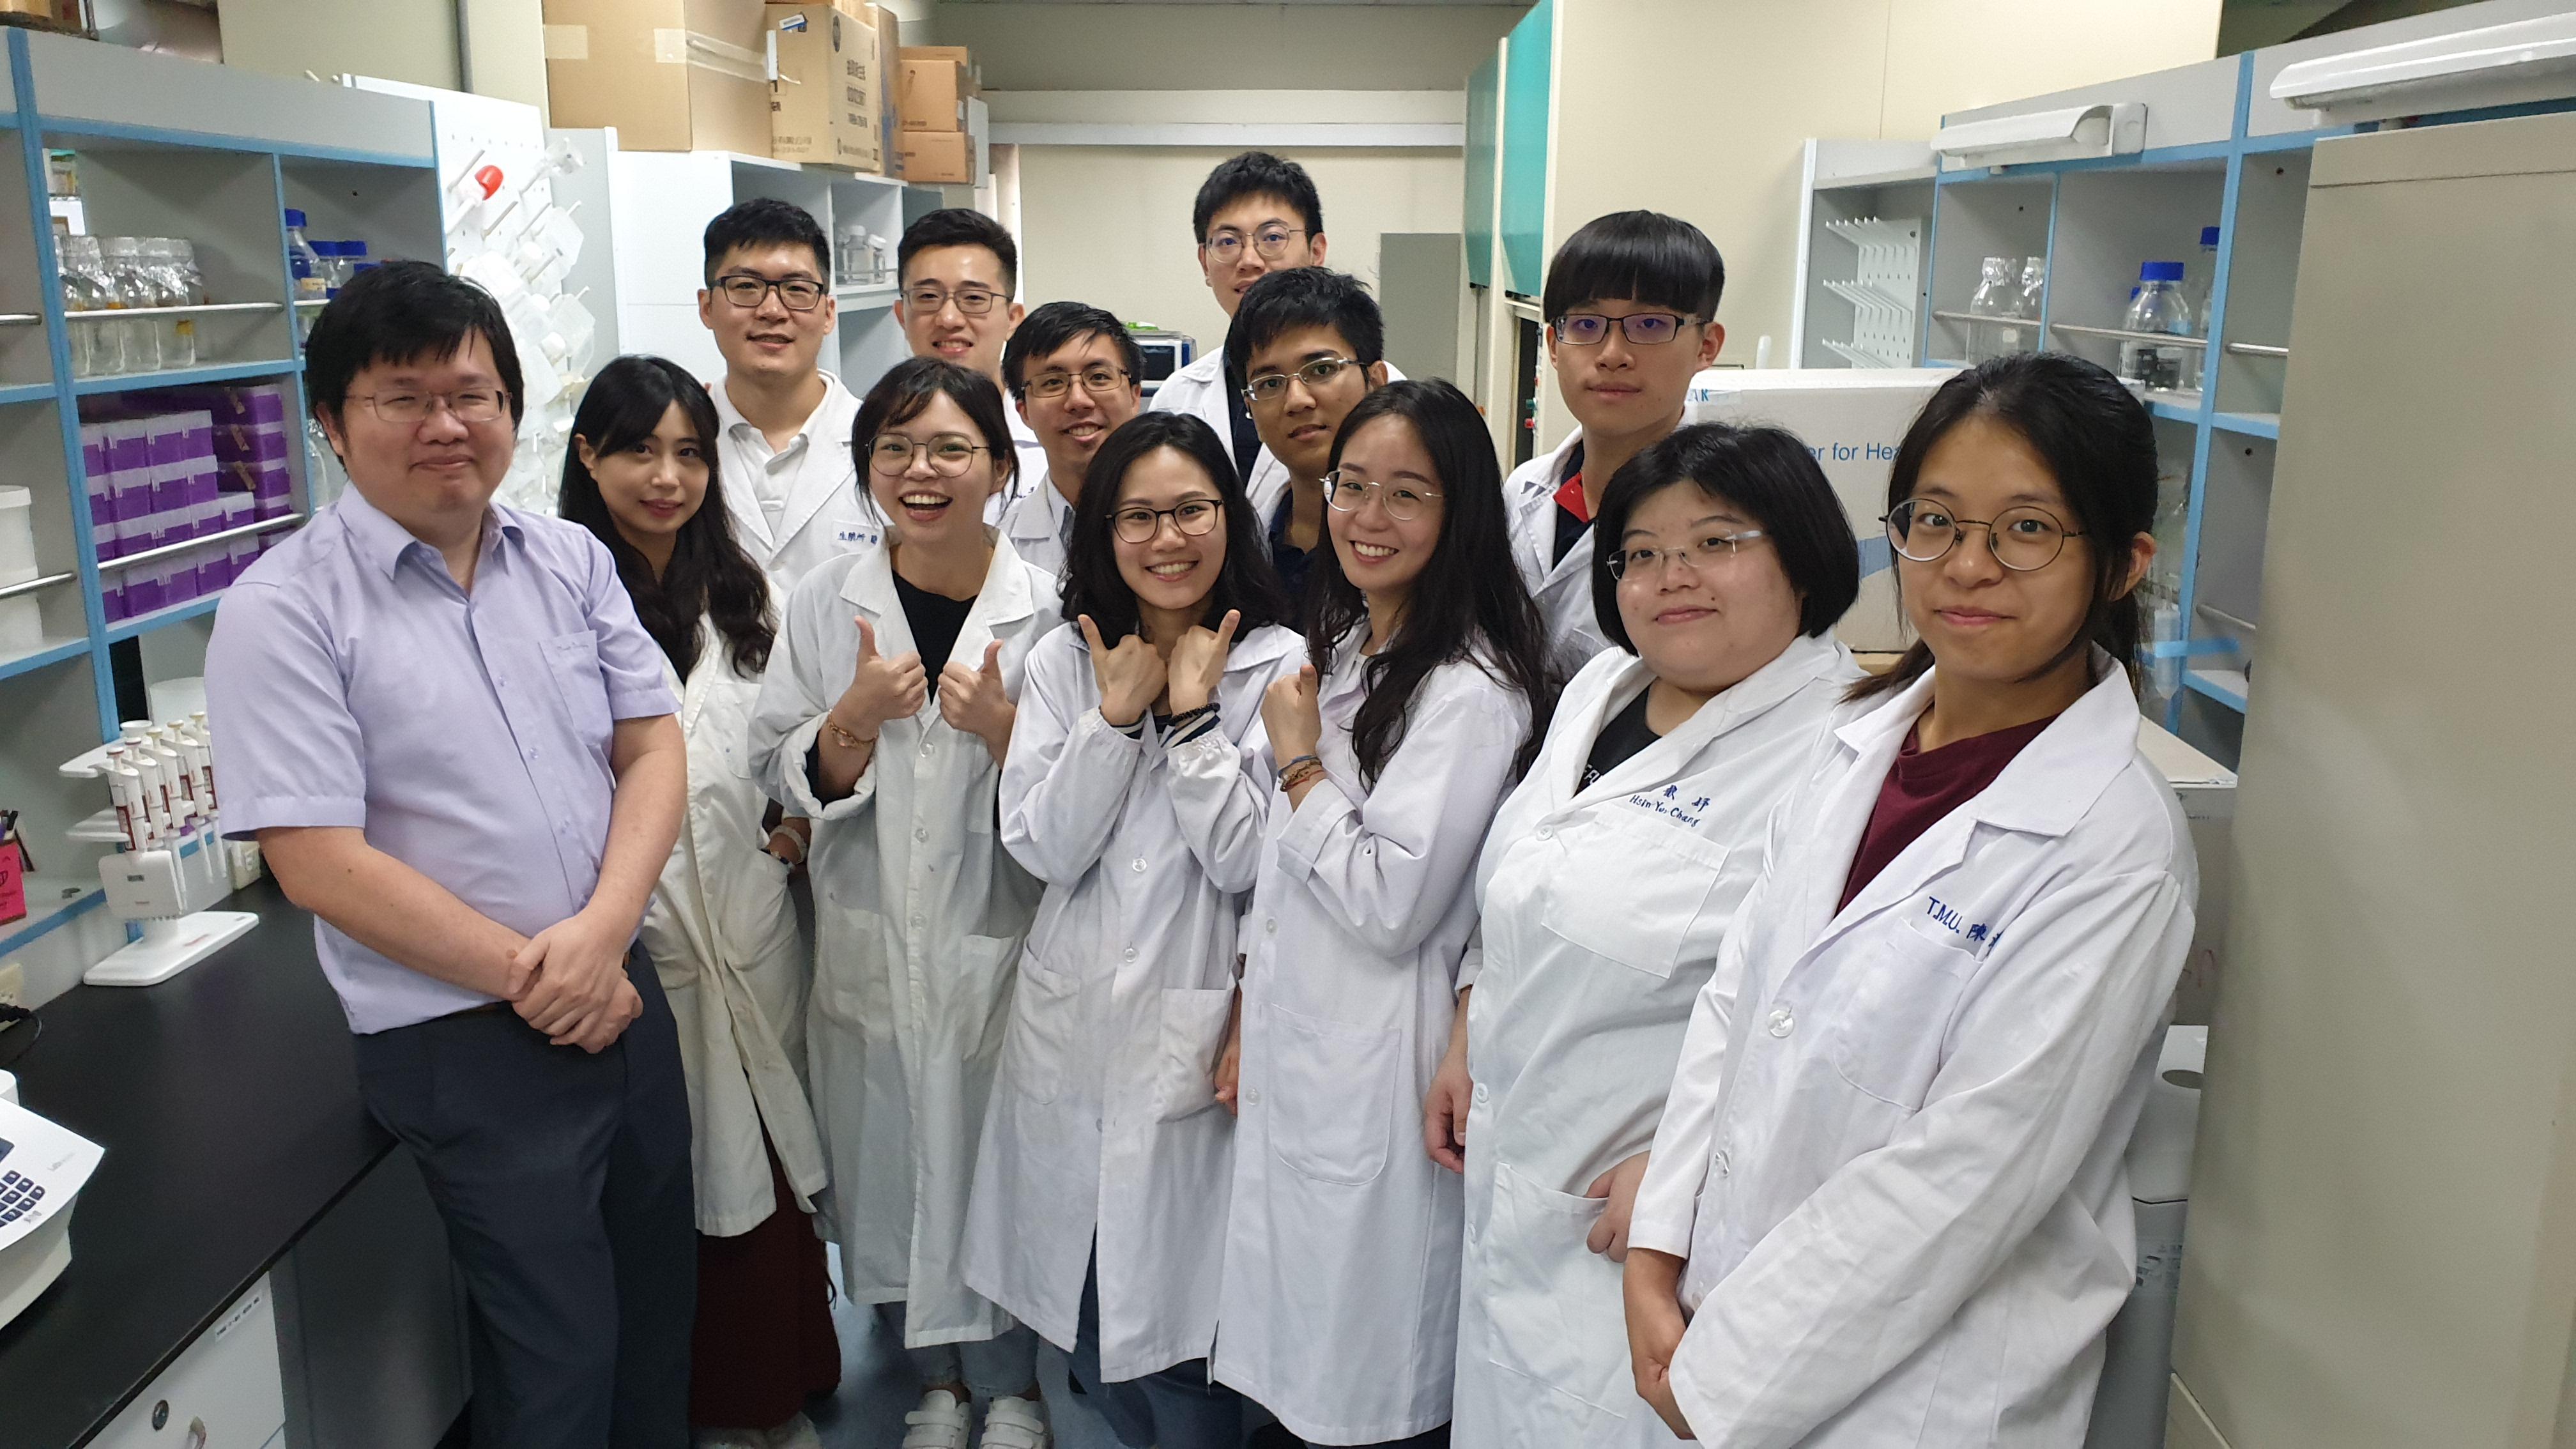 實驗室團隊合照